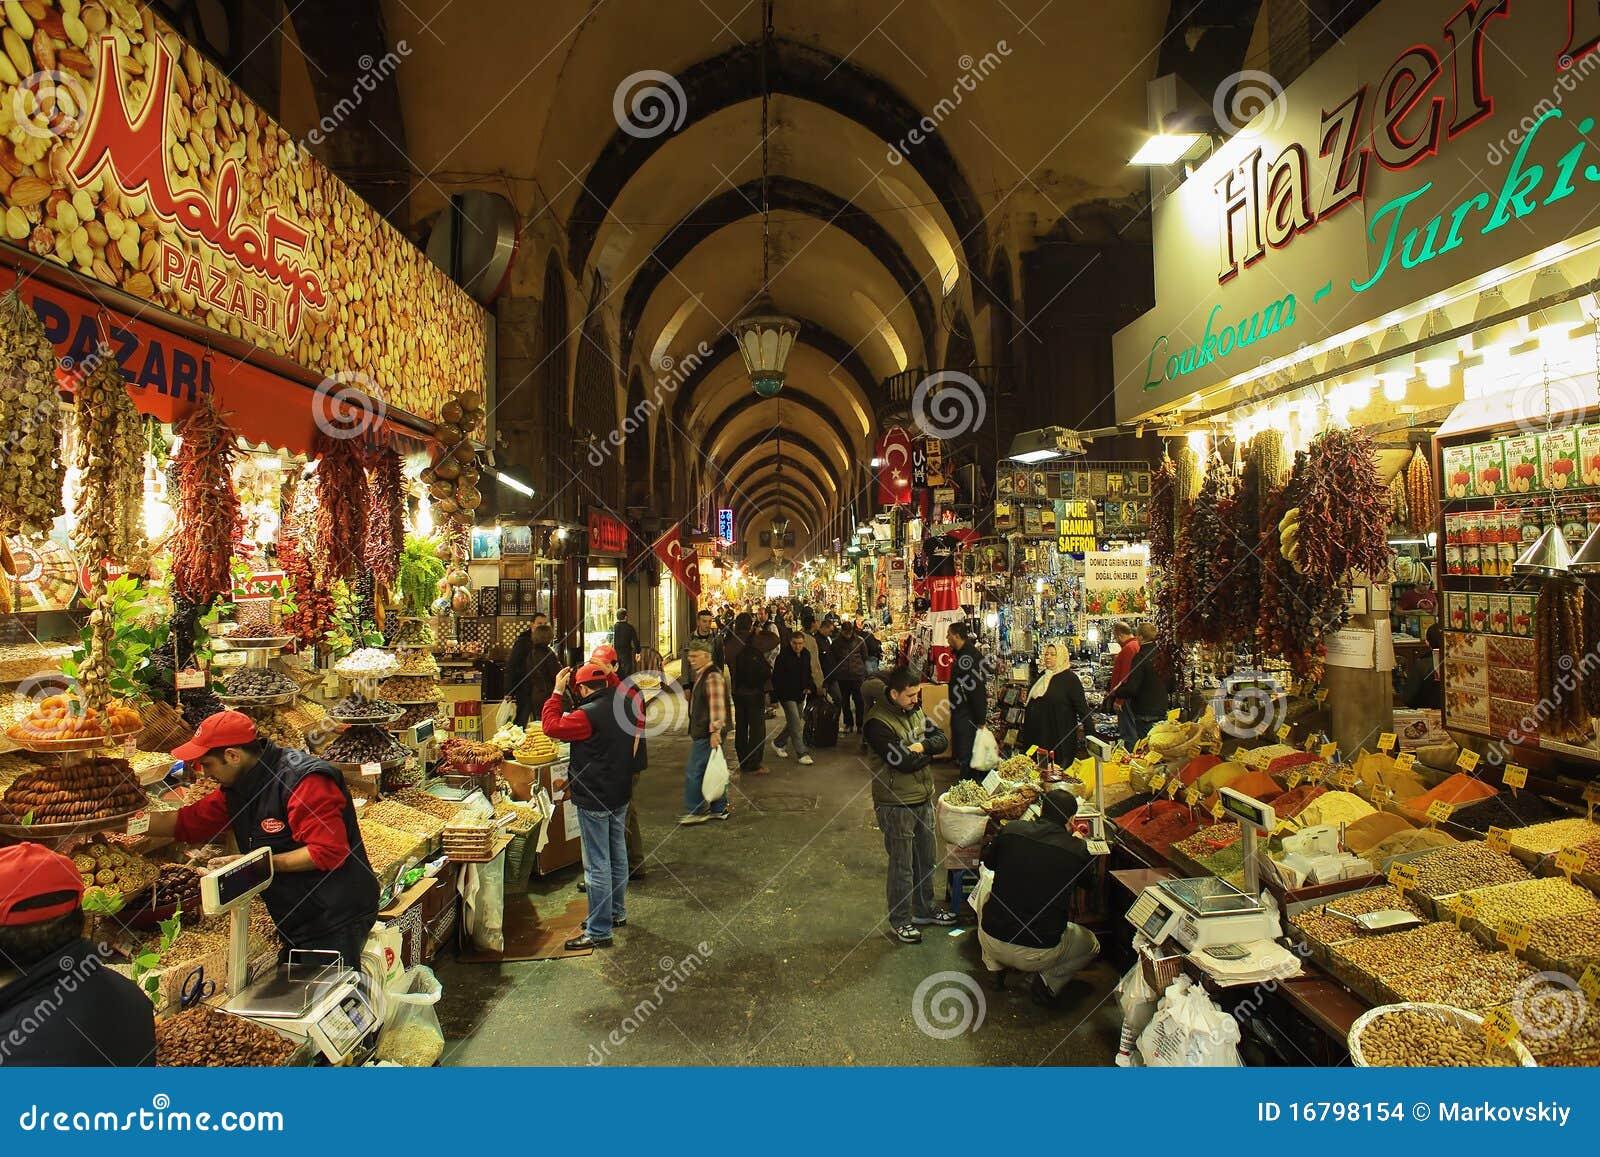 de bazaar van het kruid egyptische bazaar in istanboel redactionele stock afbeelding. Black Bedroom Furniture Sets. Home Design Ideas